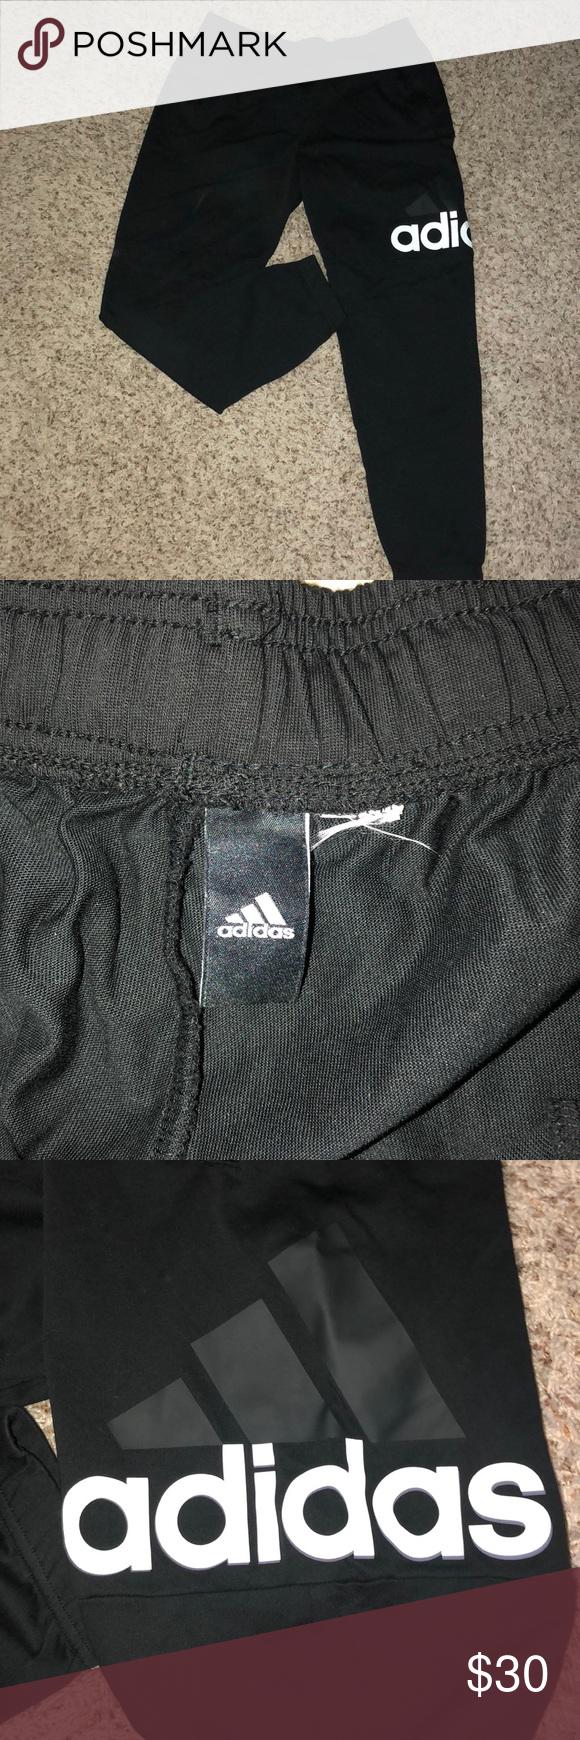 adidas pants in men's 3x